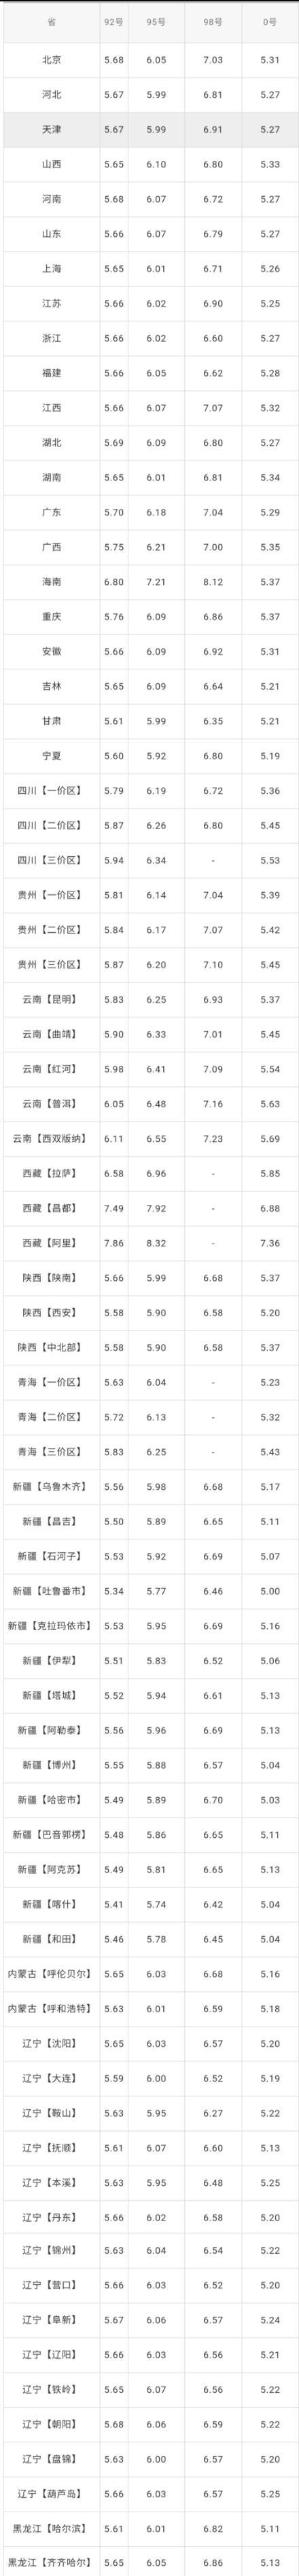 全國油價調整信息:8月12日調整后:全國92、95號汽油價格表